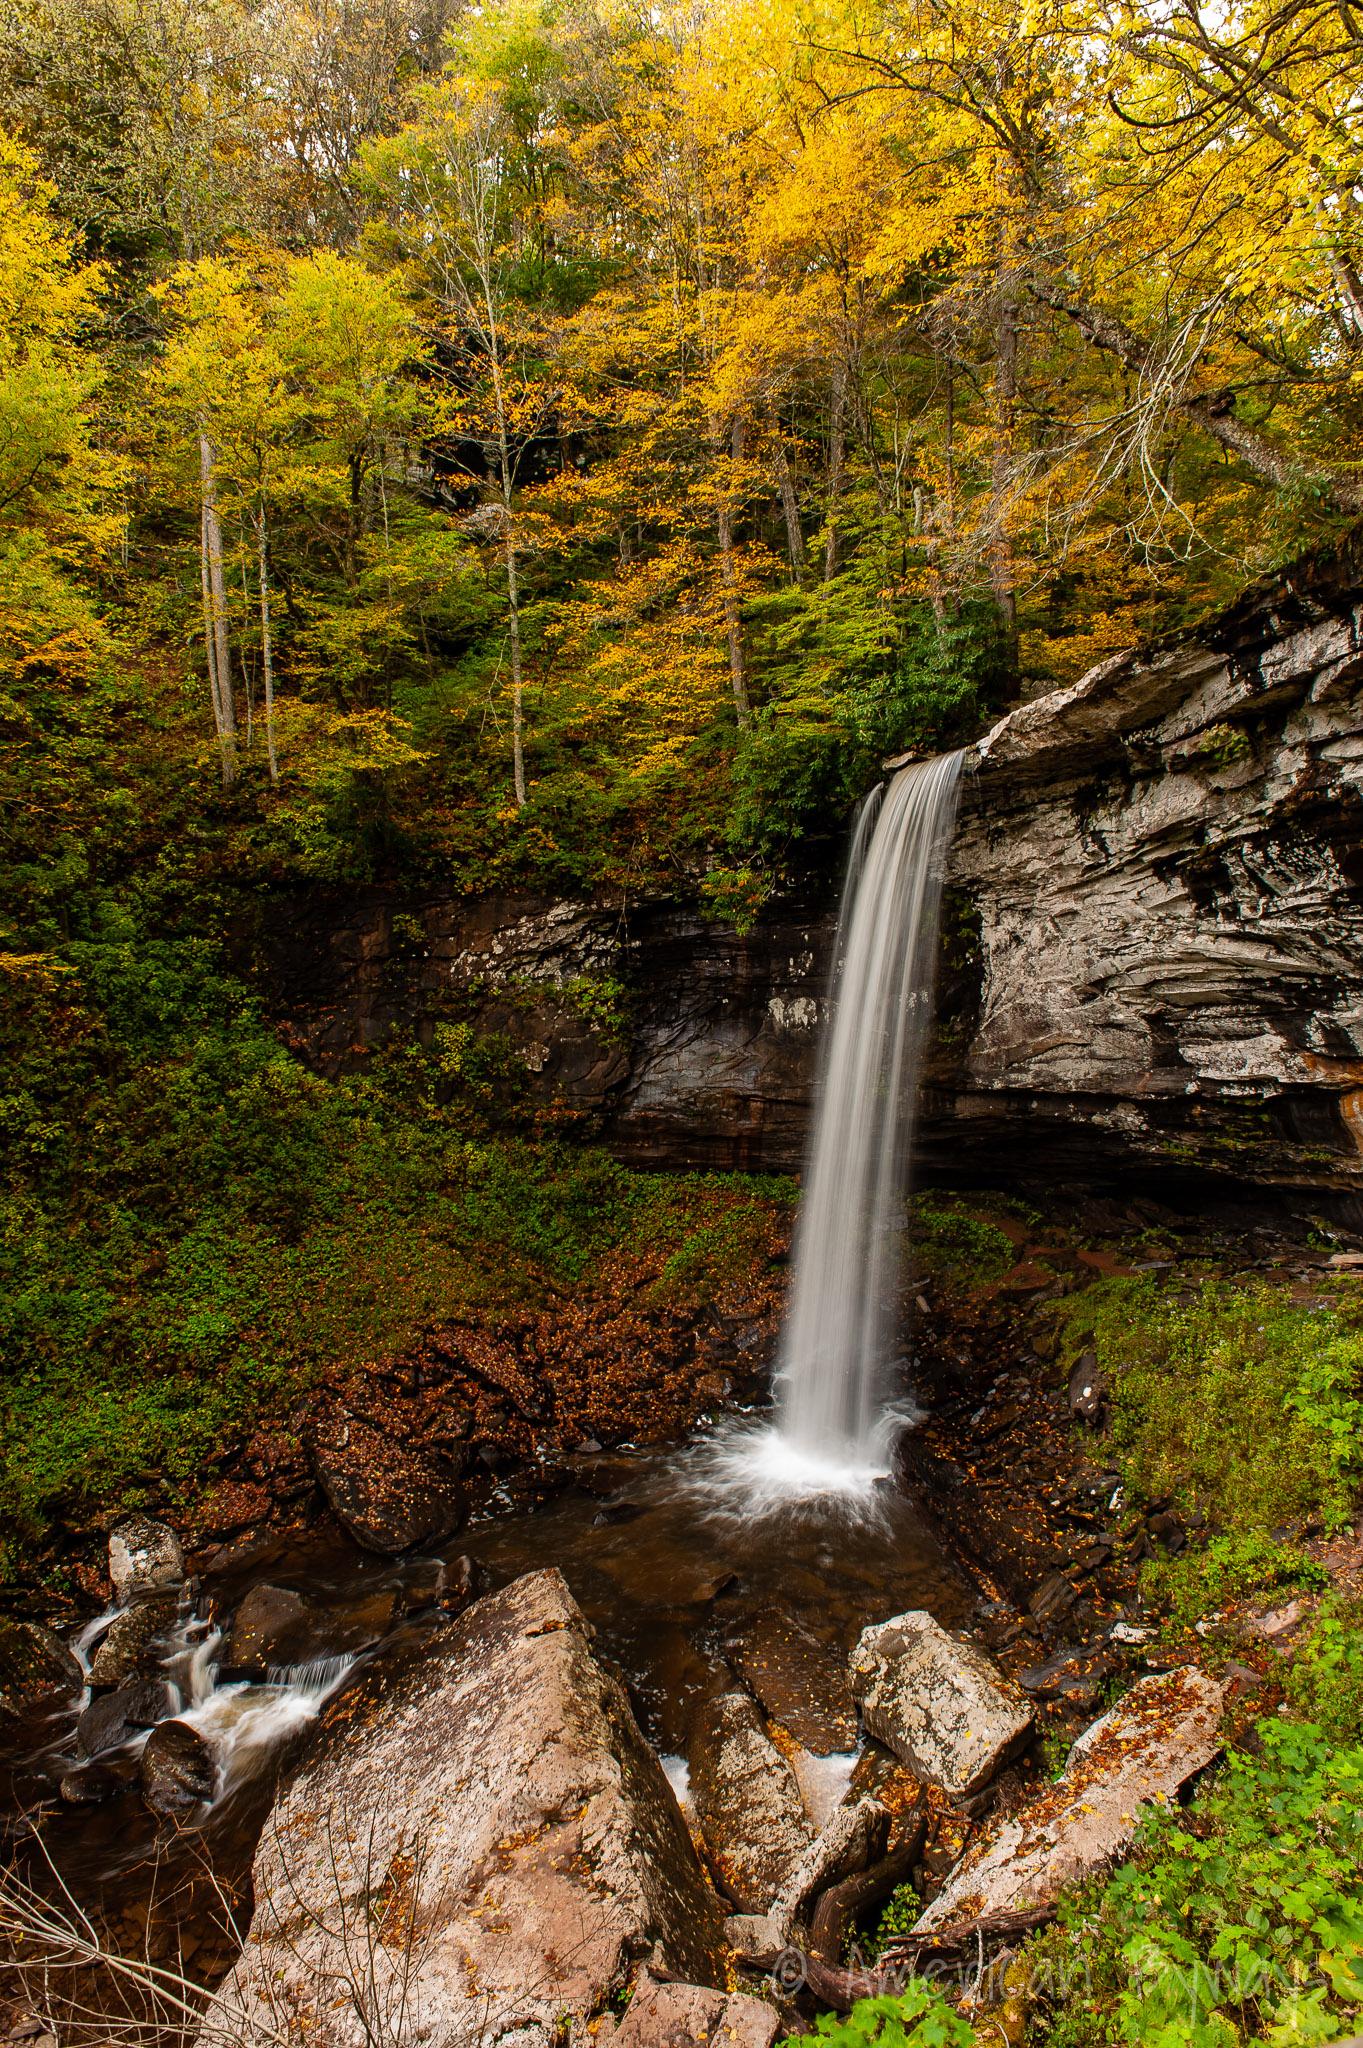 Lower Falls of Hill Creek